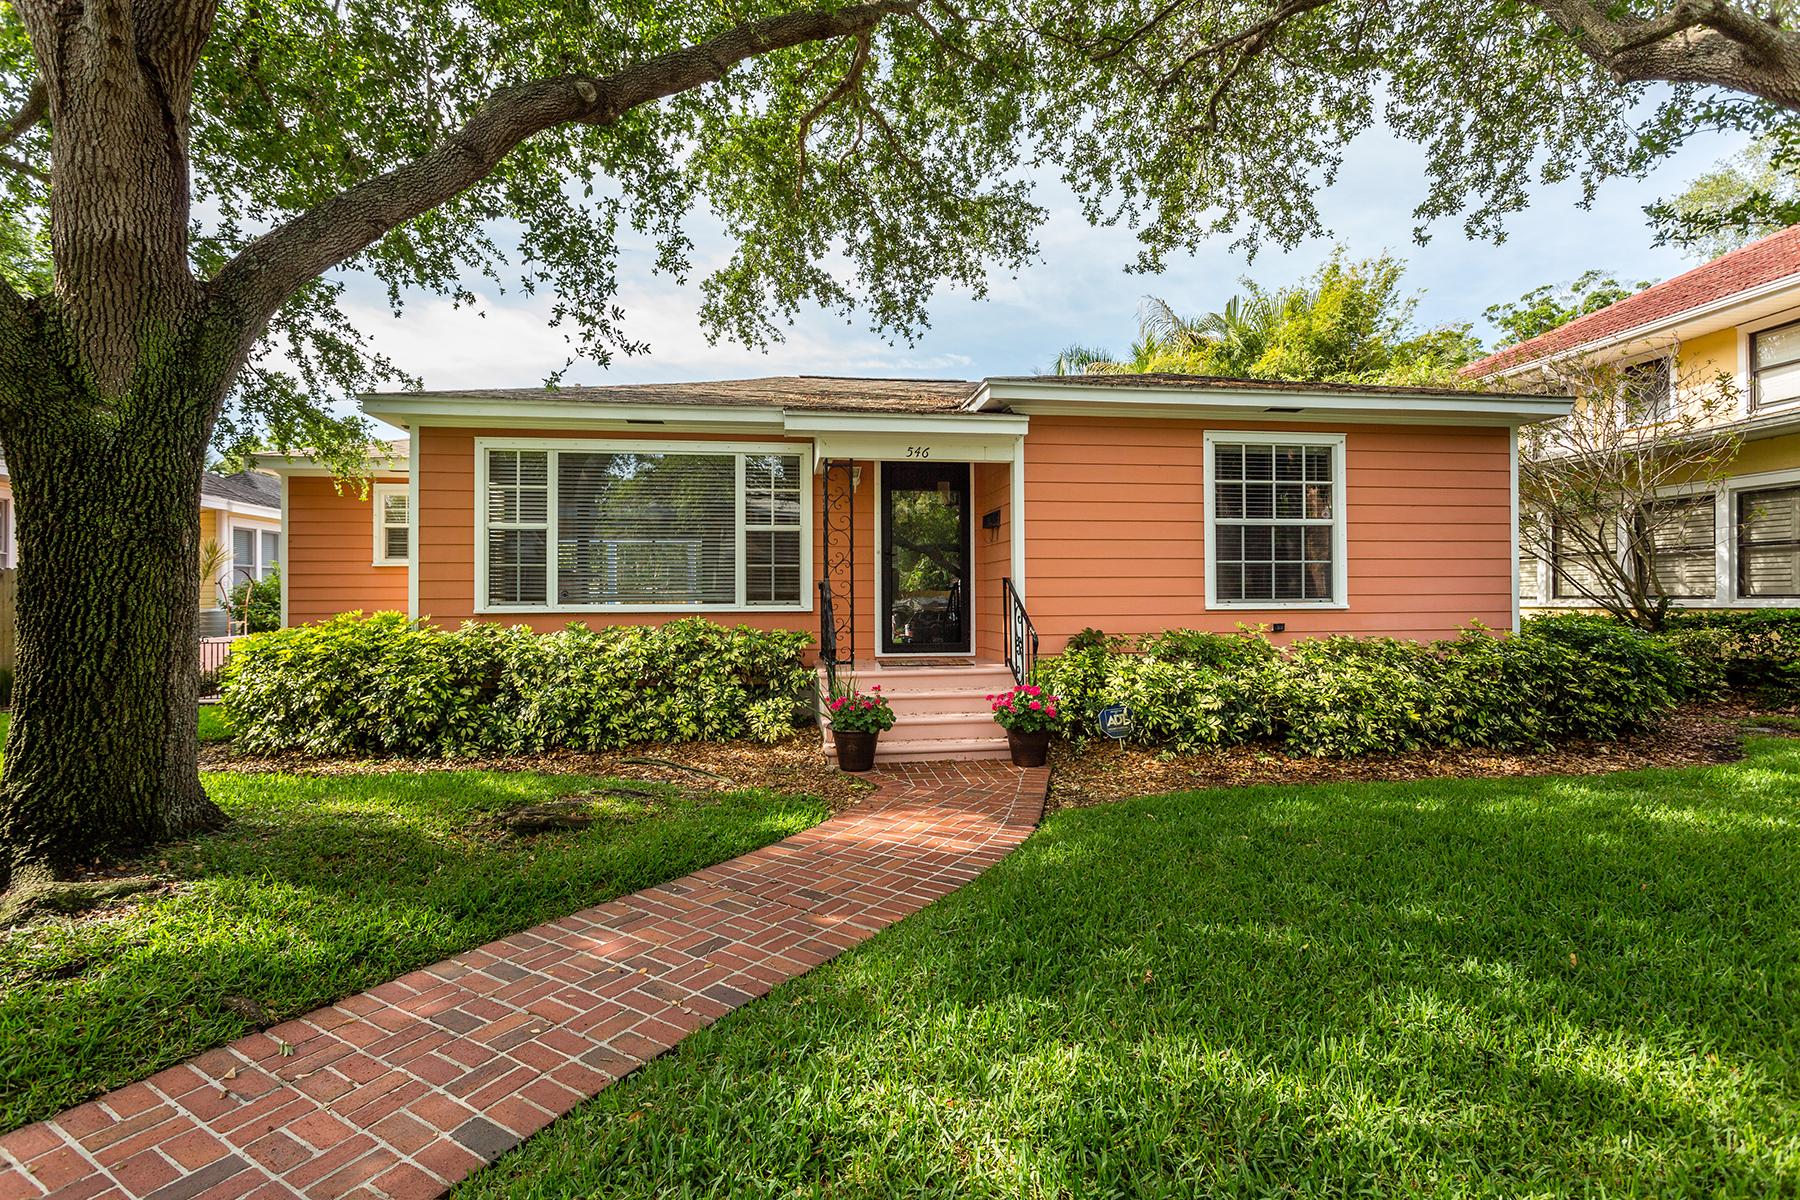 Casa Unifamiliar por un Venta en 546 17th Ave NE, Saint Petersburg, FL 33704 546 17th Ave NE St. Petersburg, Florida, 33704 Estados Unidos